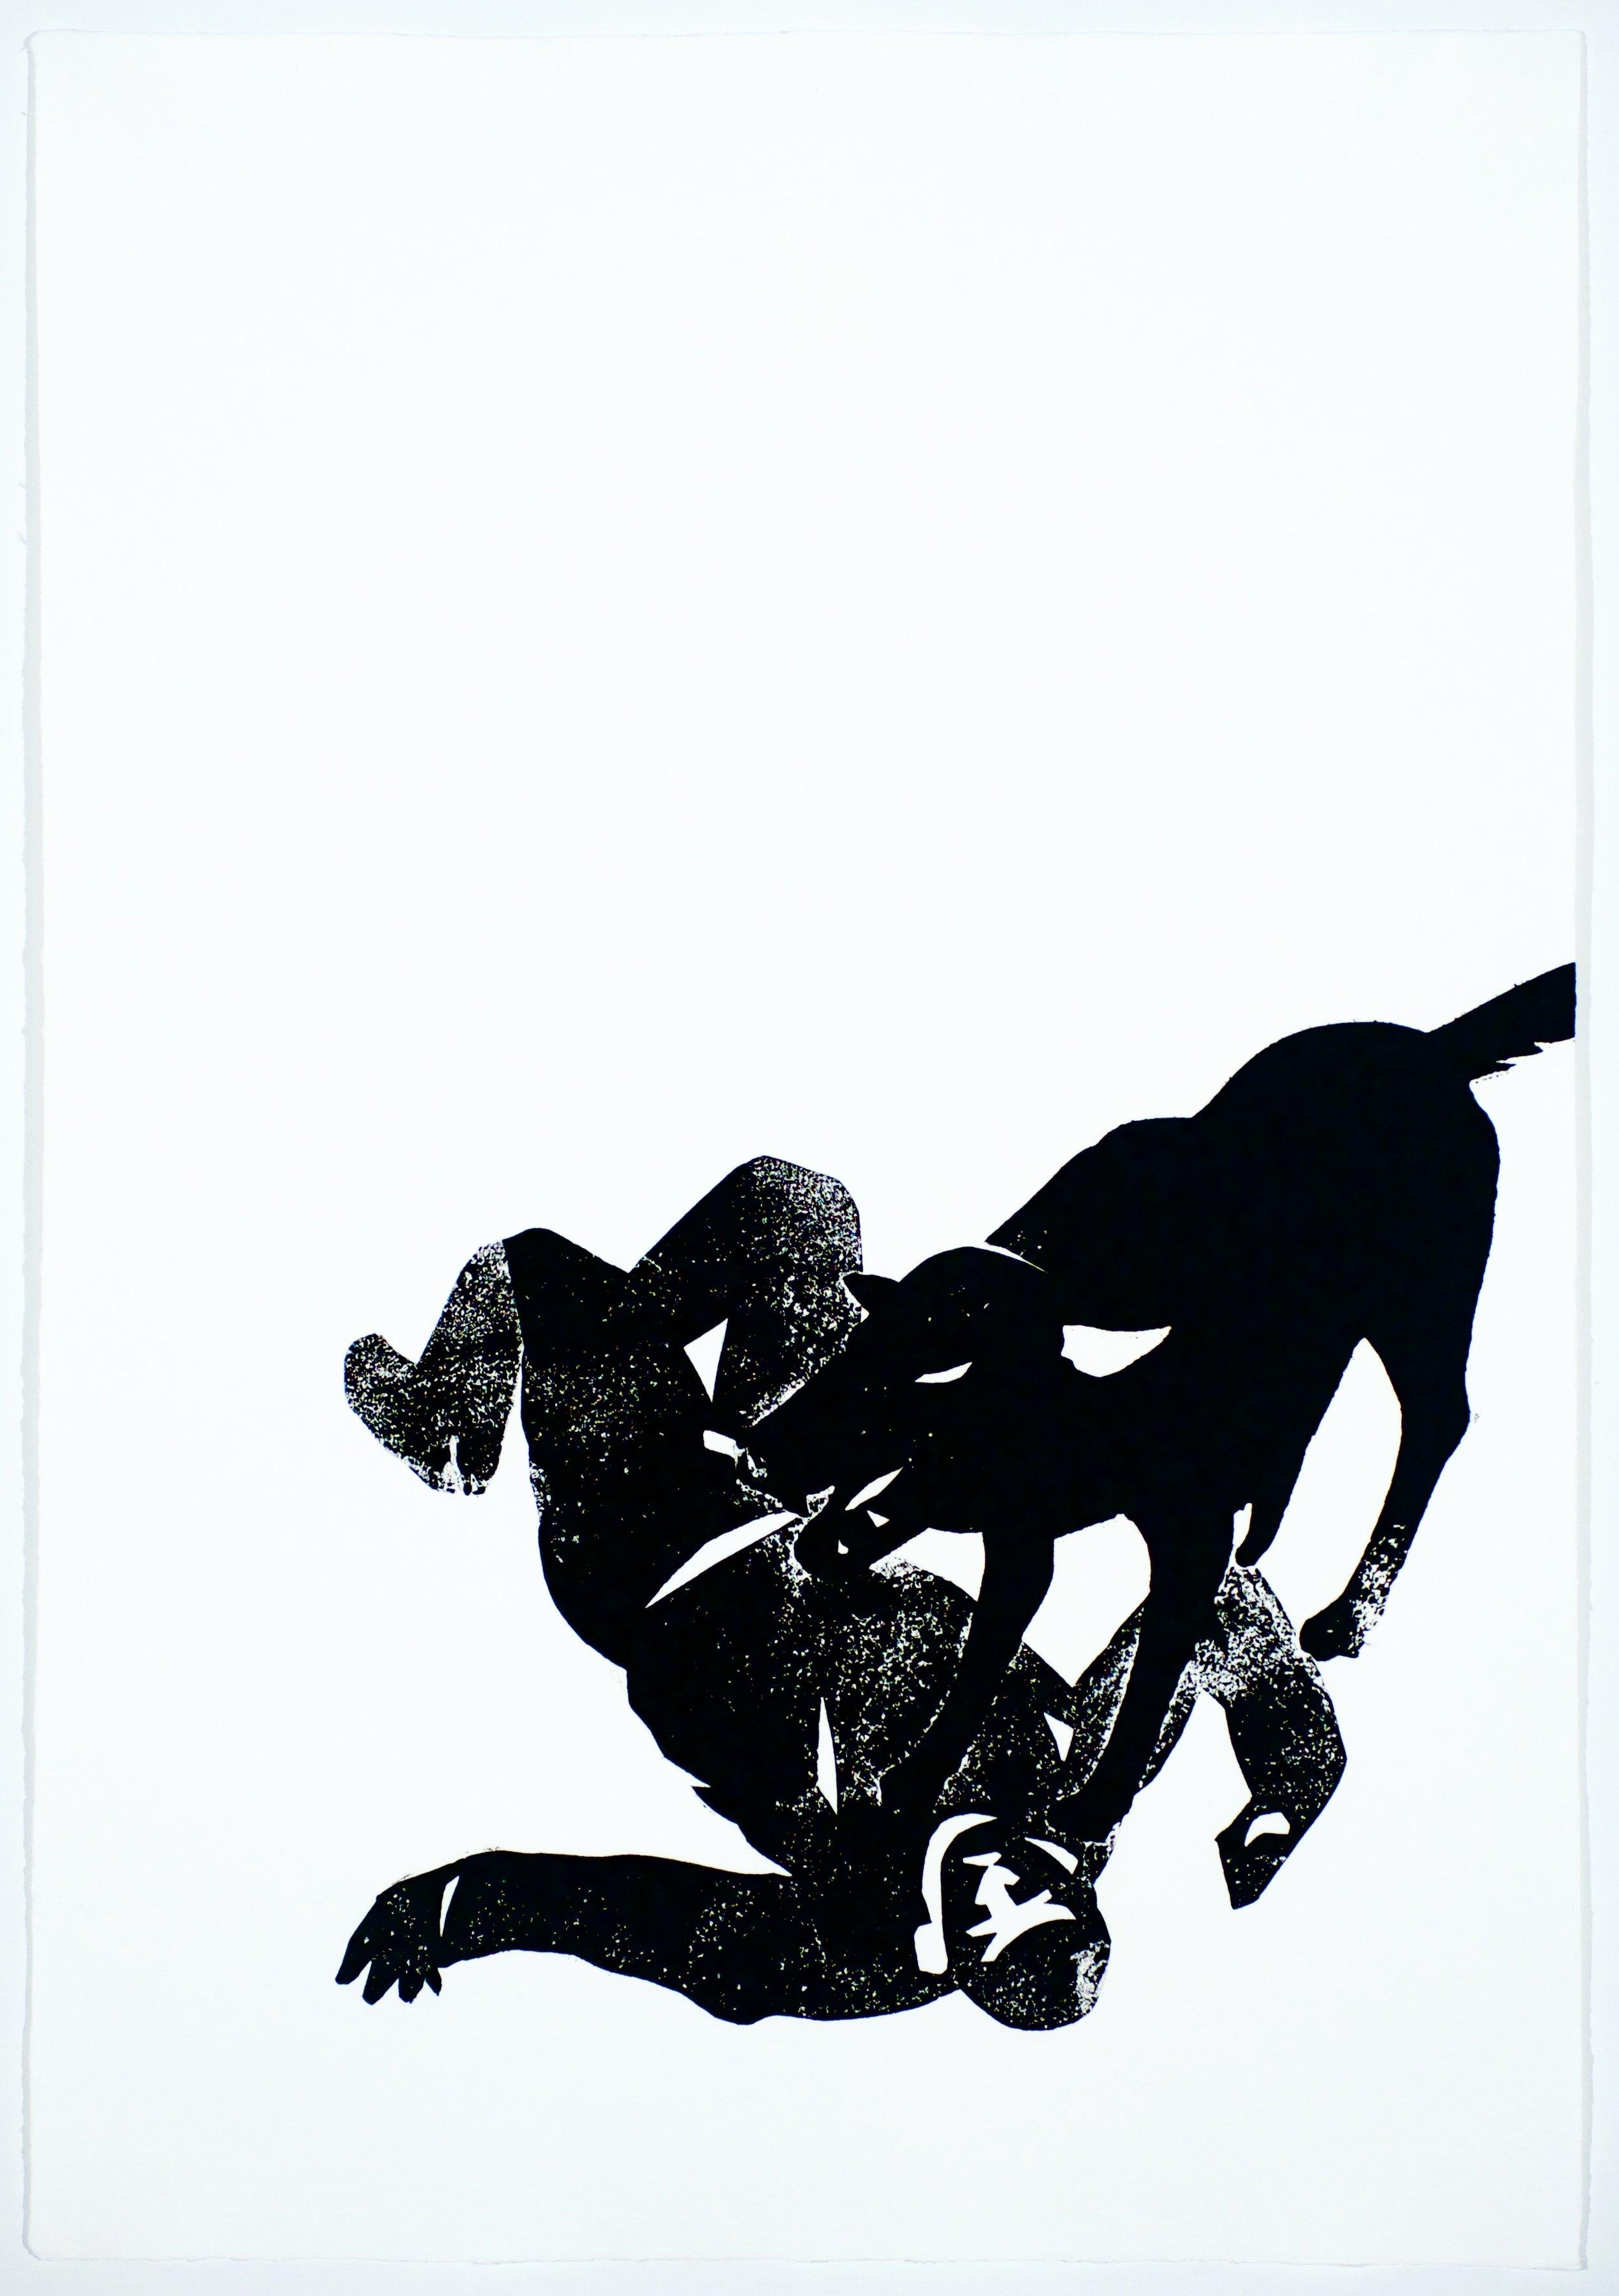 DSCN3886 - Derek Weiler.jpg